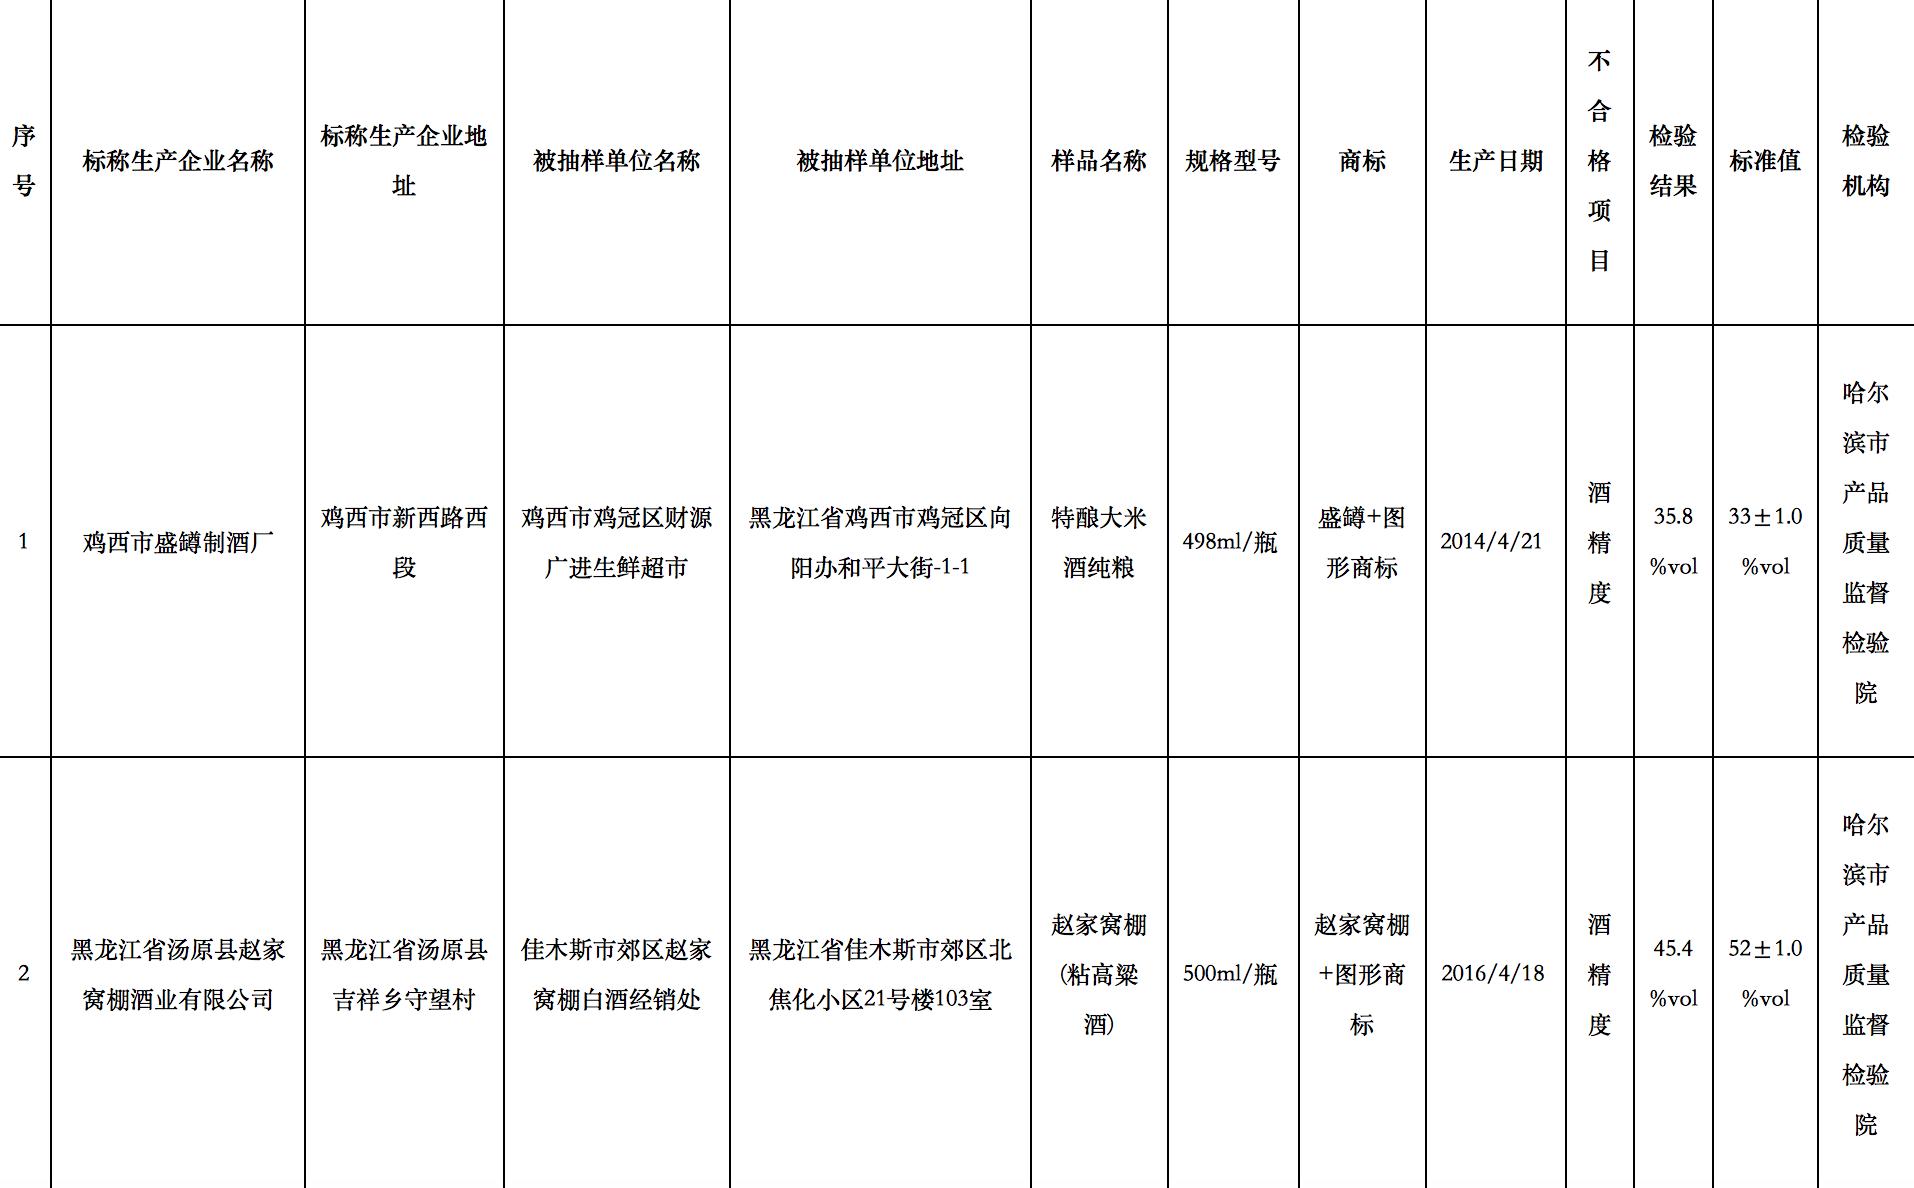 黑龙江省抽检食品安全 两款酒酒精度不达标图片